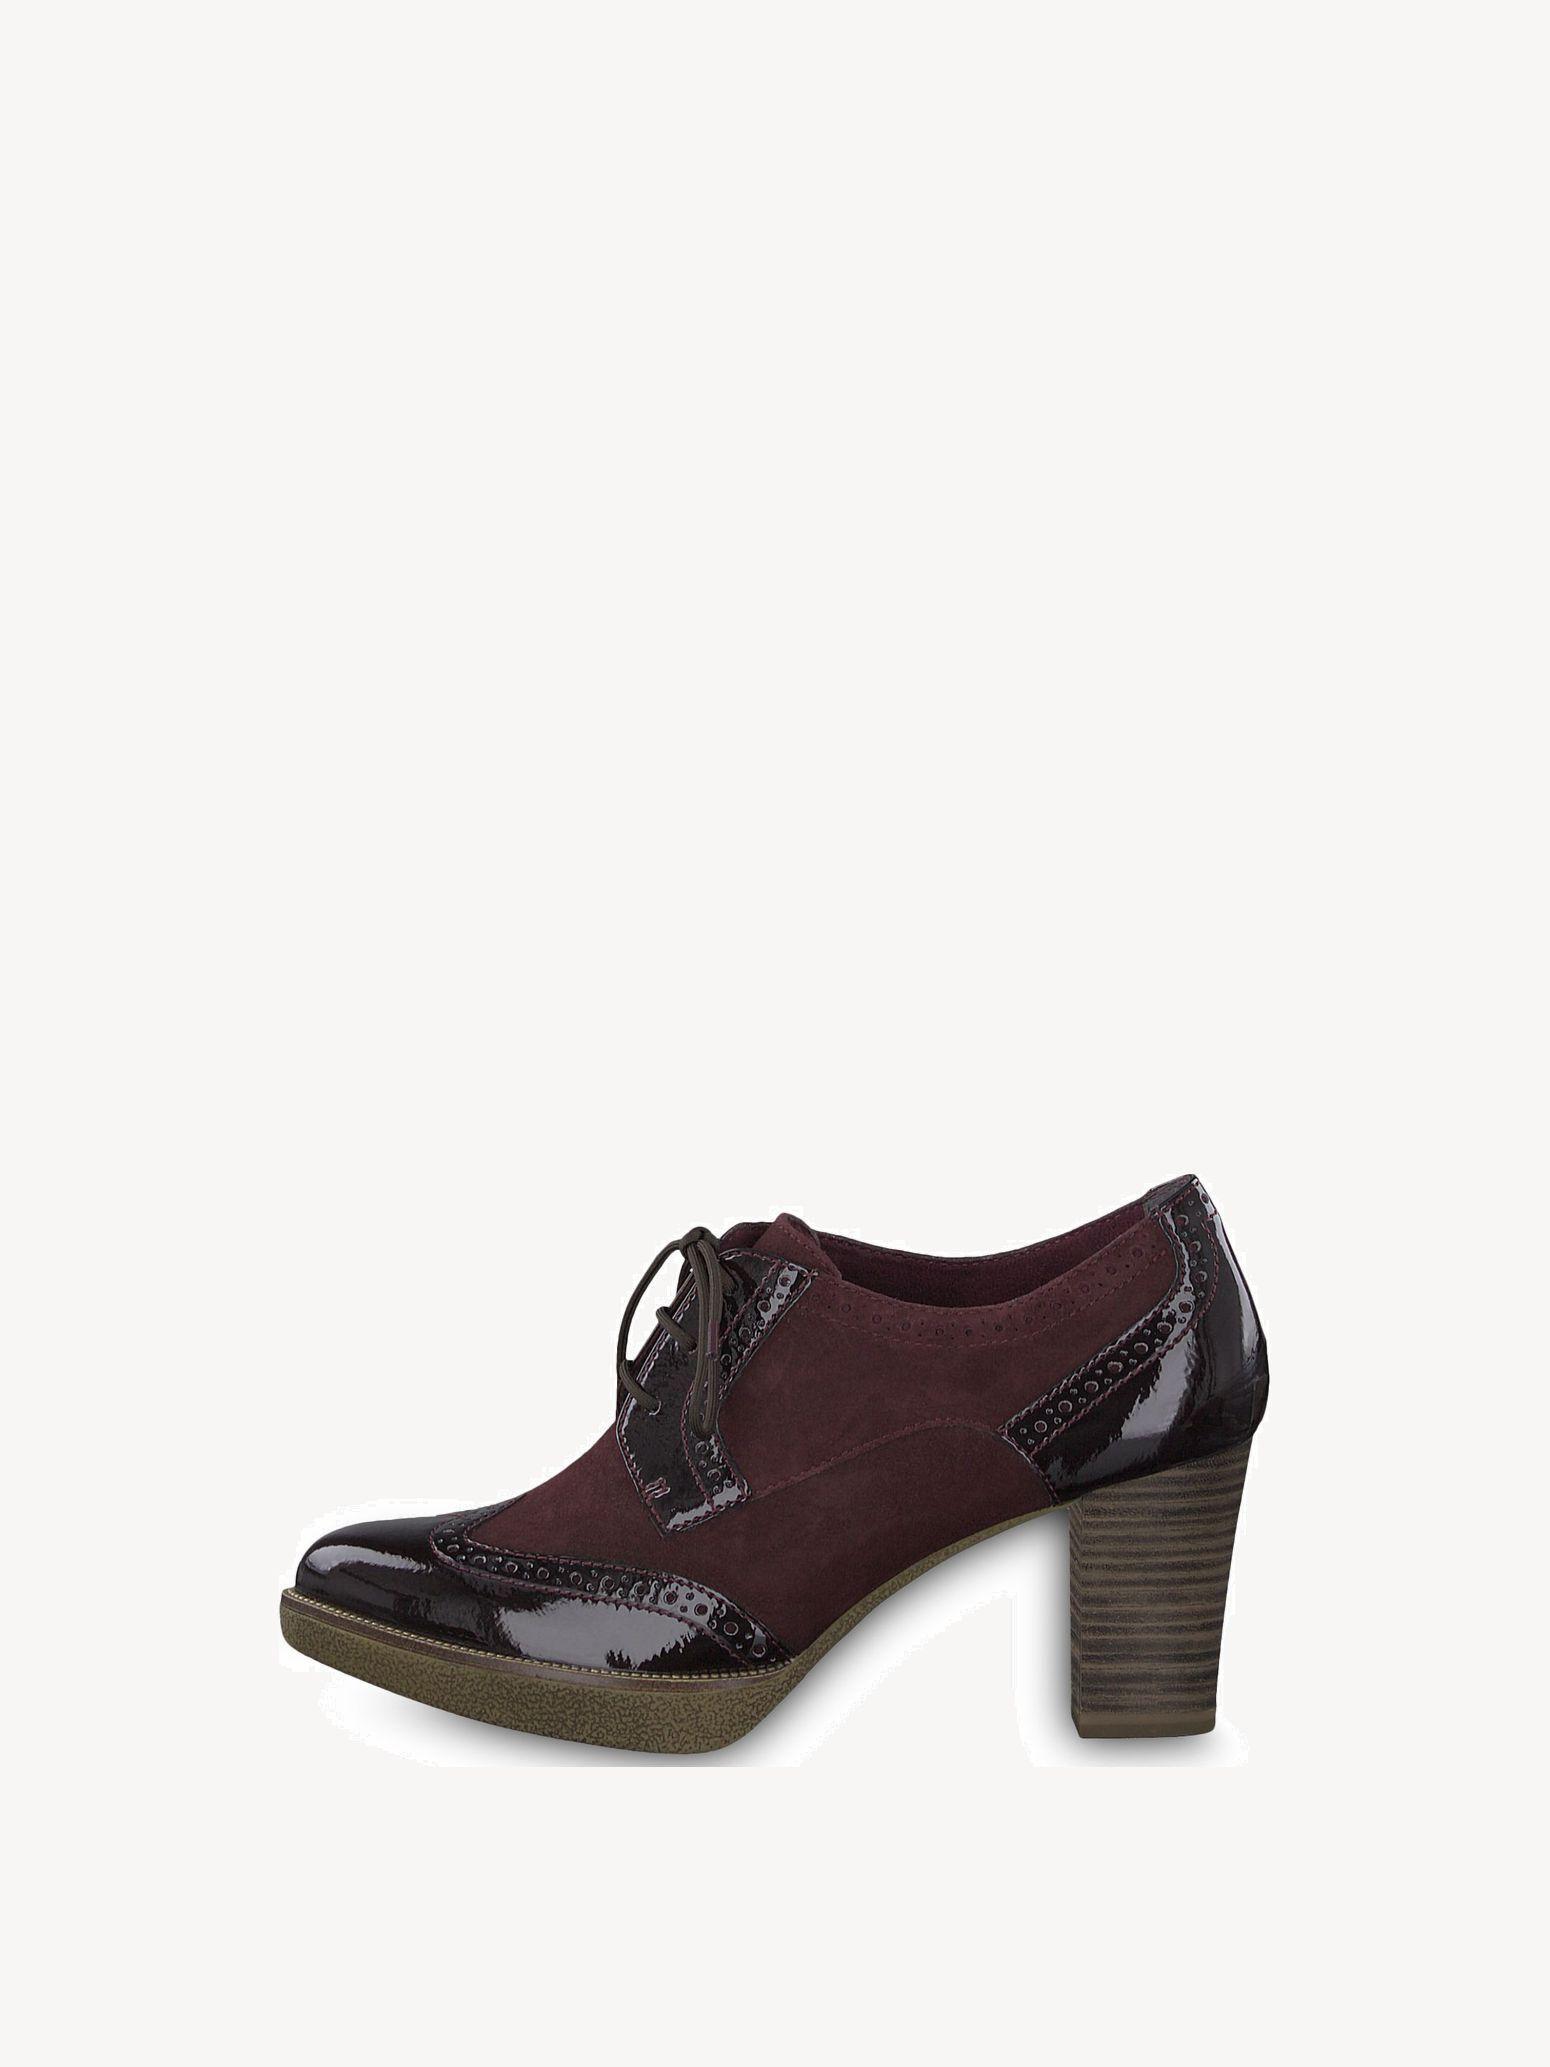 Découvrir Femmes Tamaris Rn6w5qv Les Pour À Chaussures PZukXi